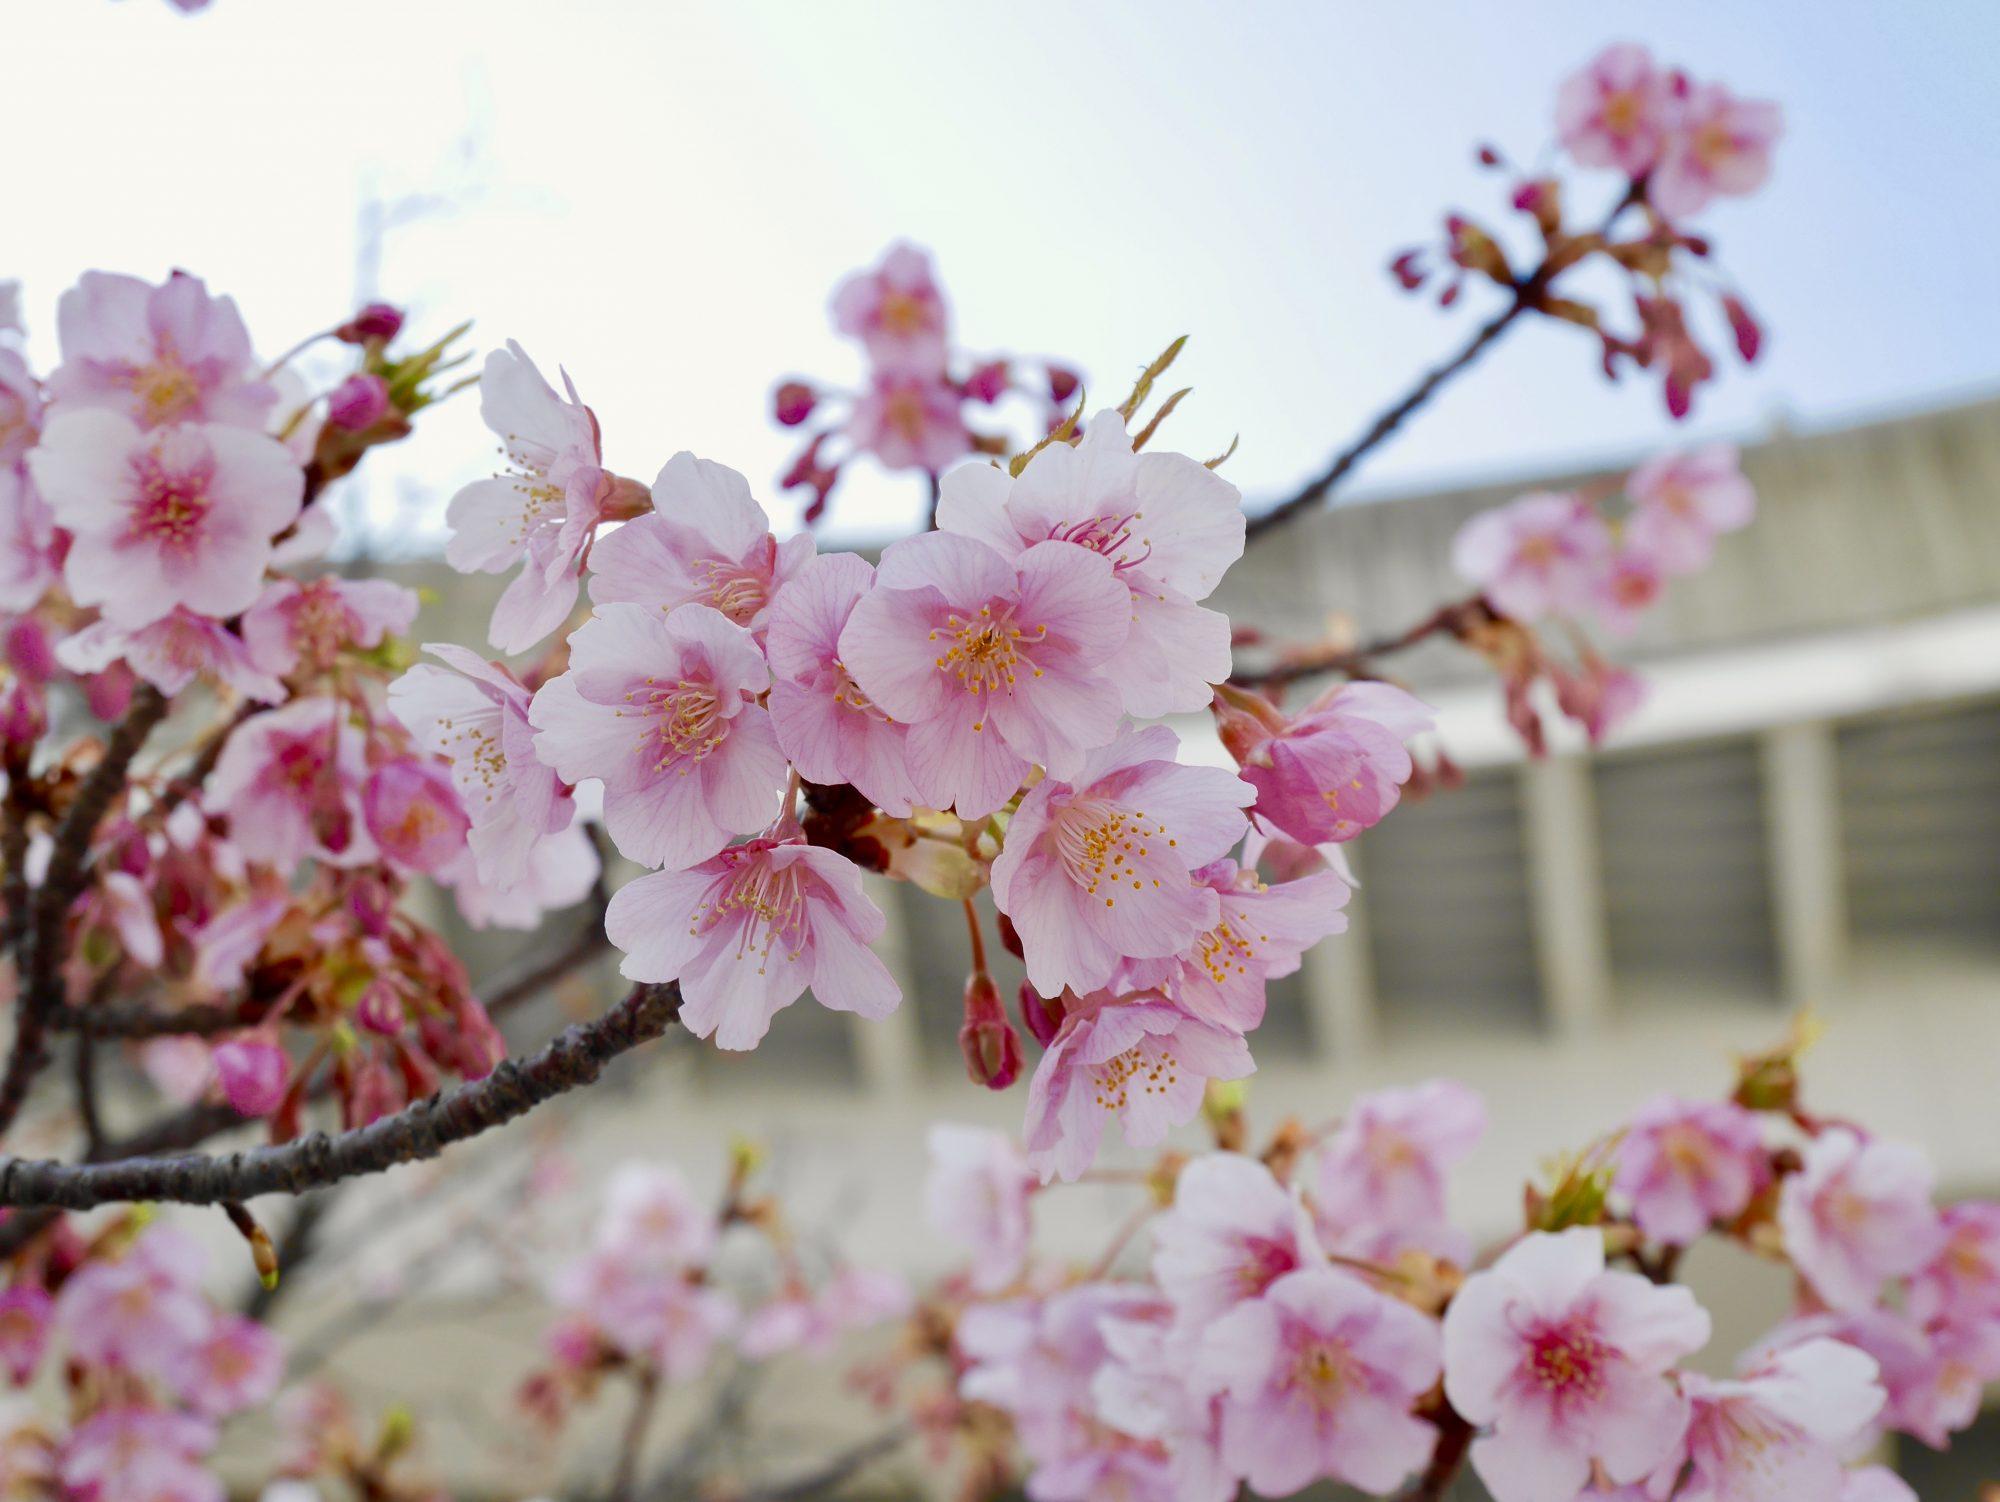 桜の花を見ると、思い出すこと。「時間は待ってくれない」